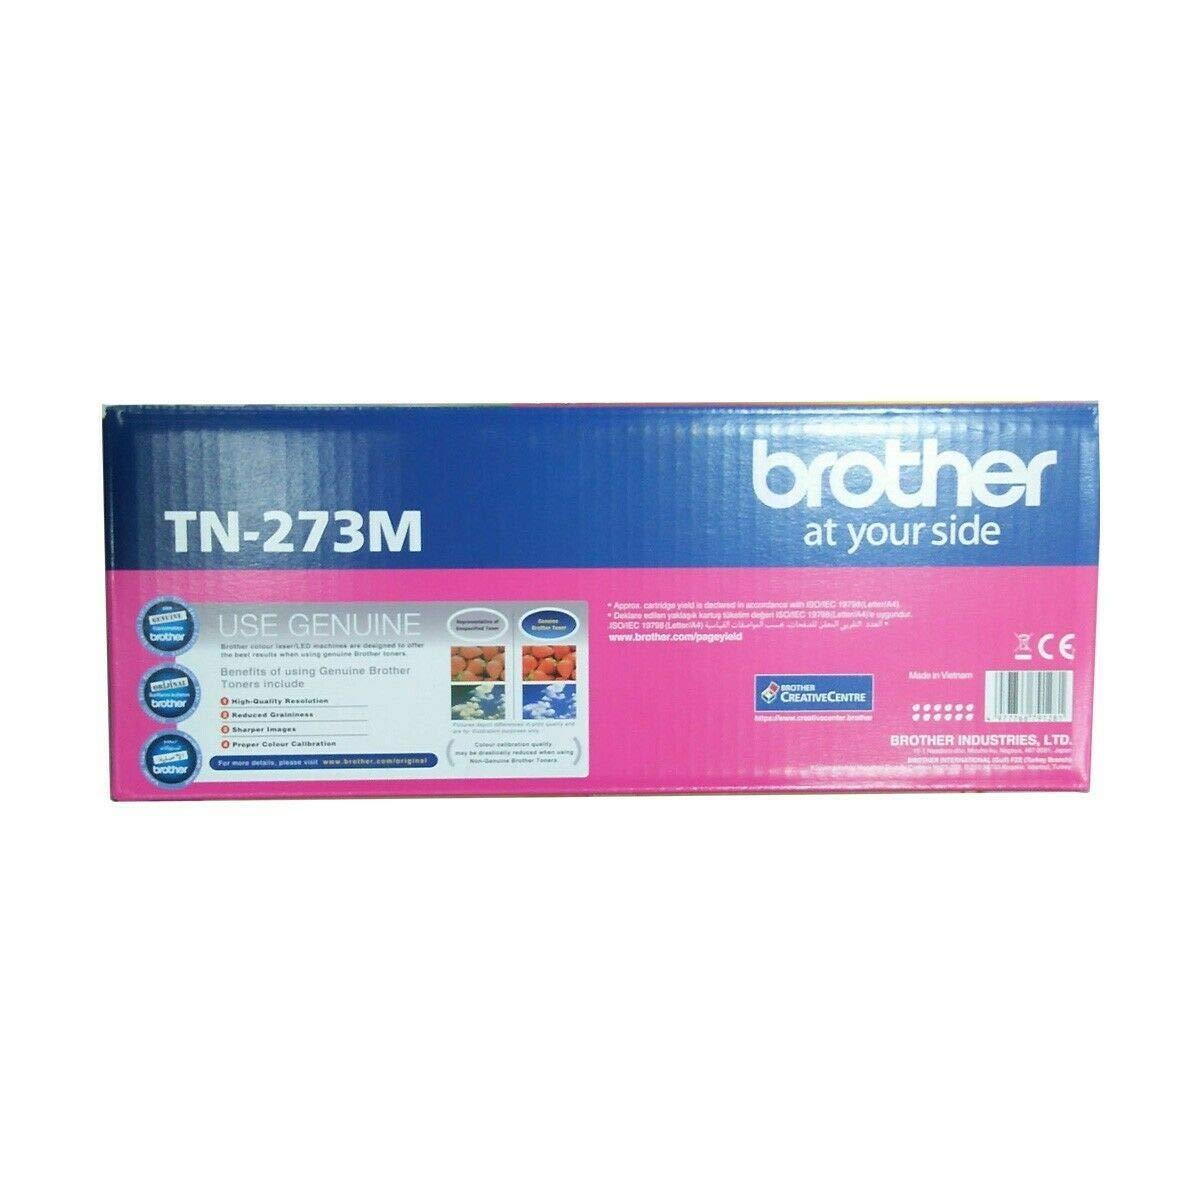 """کیت کارتریج تونر TN-277CMY برادر از تونرهای لیزری شرکت """" Brother """" میباشد. هر کارتریج دارای قطعات ، درام کارتریج ،چیپست کارتریج ، مگنت و فوم کارتریج است ."""